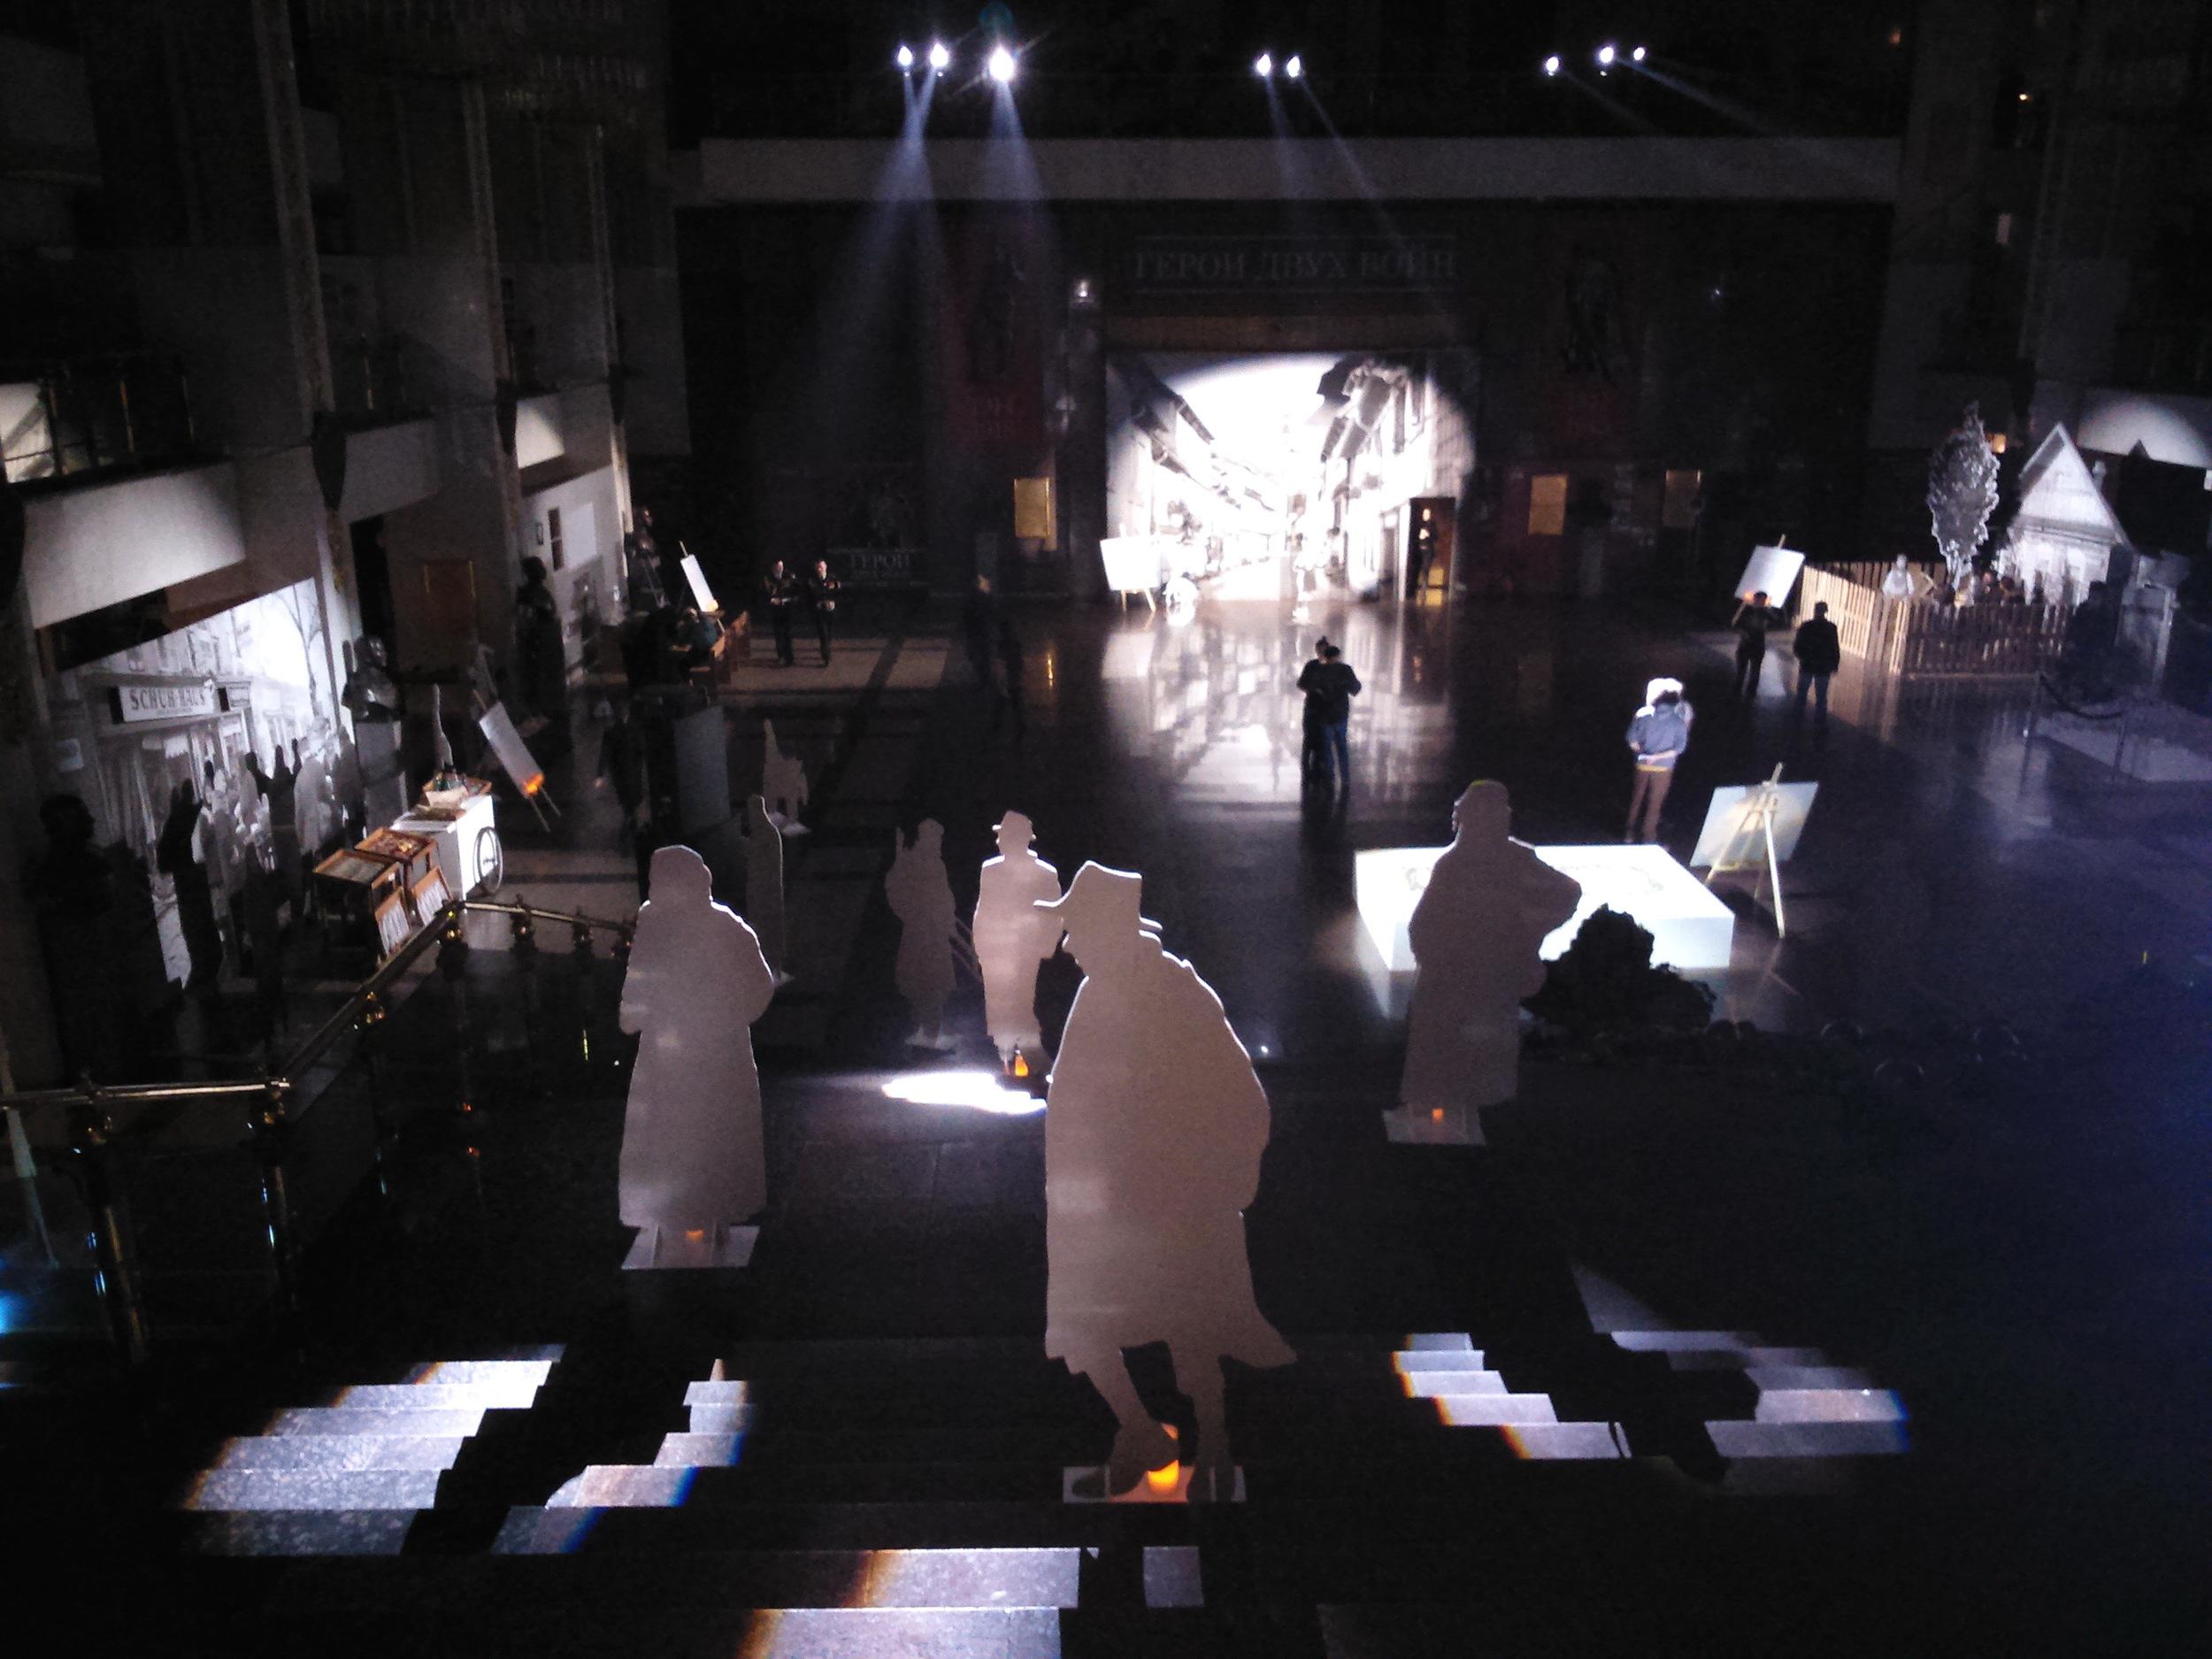 Зал в ожидании тревожного звука воздушной сирены, именно так начиналась театрализованная экскурсия  «ПОМНИТЬ НЕЛЬЗЯ ПОВТОРИТЬ» в рамках Недели памяти жертв Холокоста .